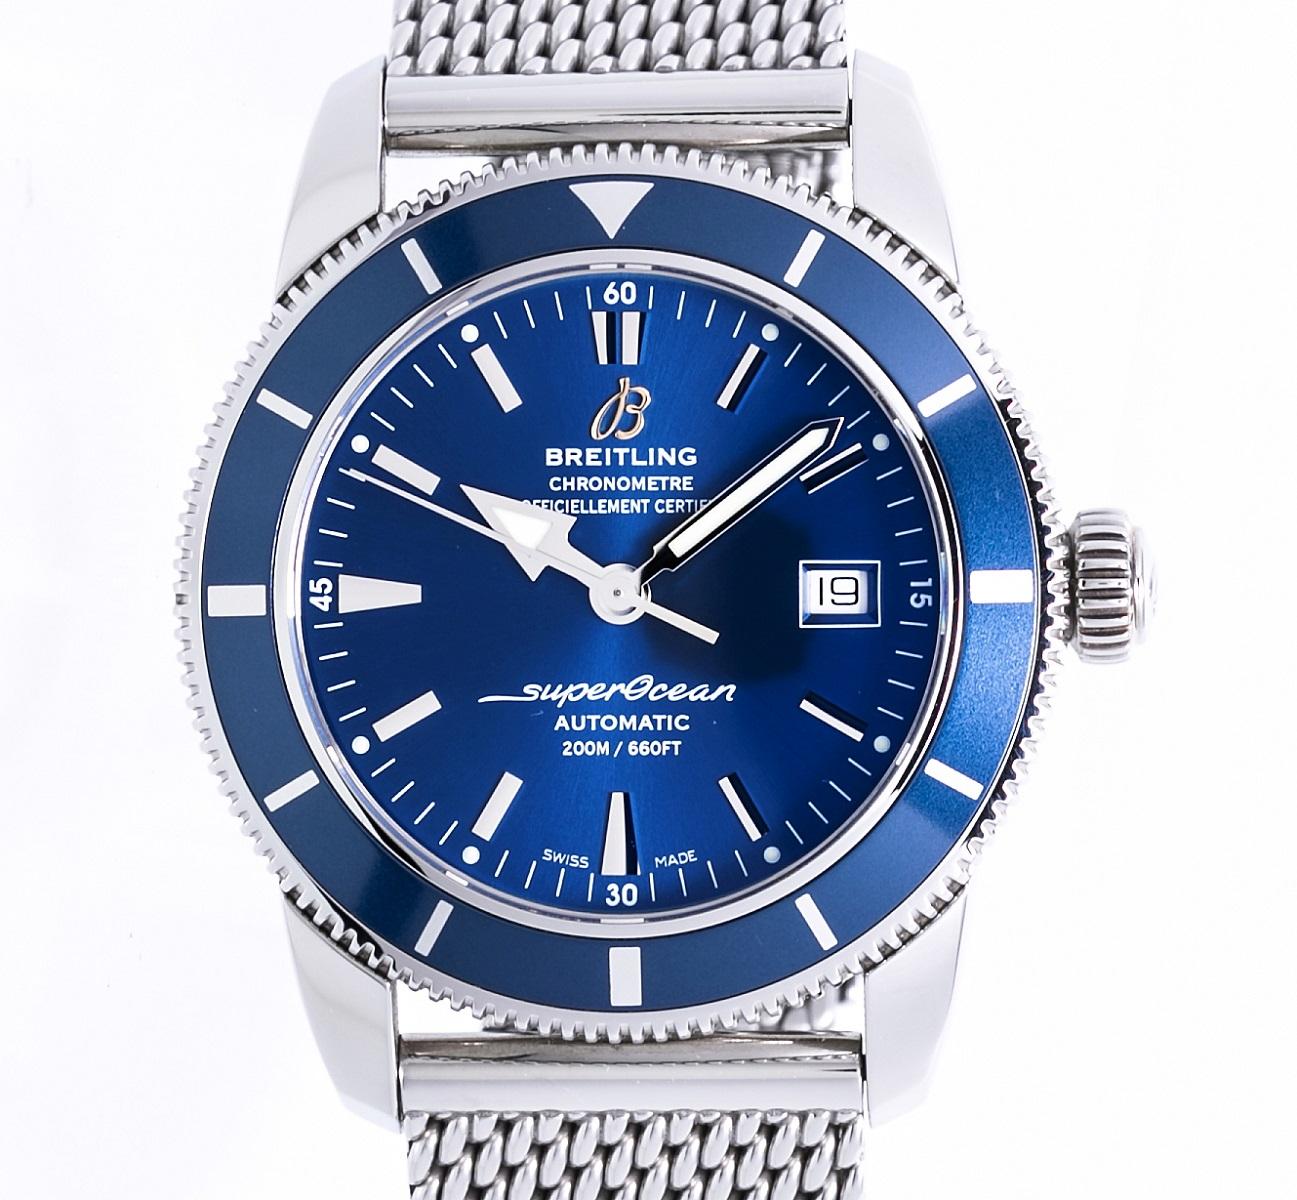 ブライトリング BREITLING スーパーオーシャンヘリテージ42 A17321 メンズ 腕時計 AT 自動巻き SS ステンレス 送料無料 【トレジャースポット】【中古】